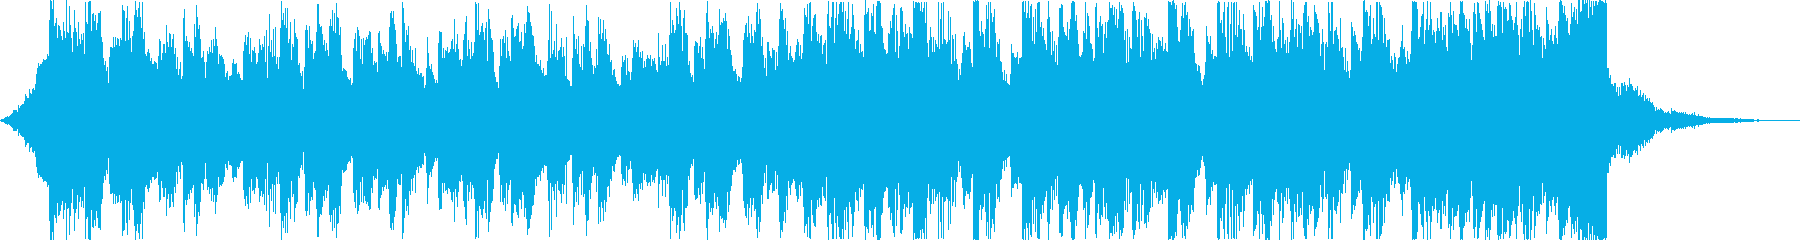 軽快清涼感クールEDMトロピカルハウスdの再生済みの波形